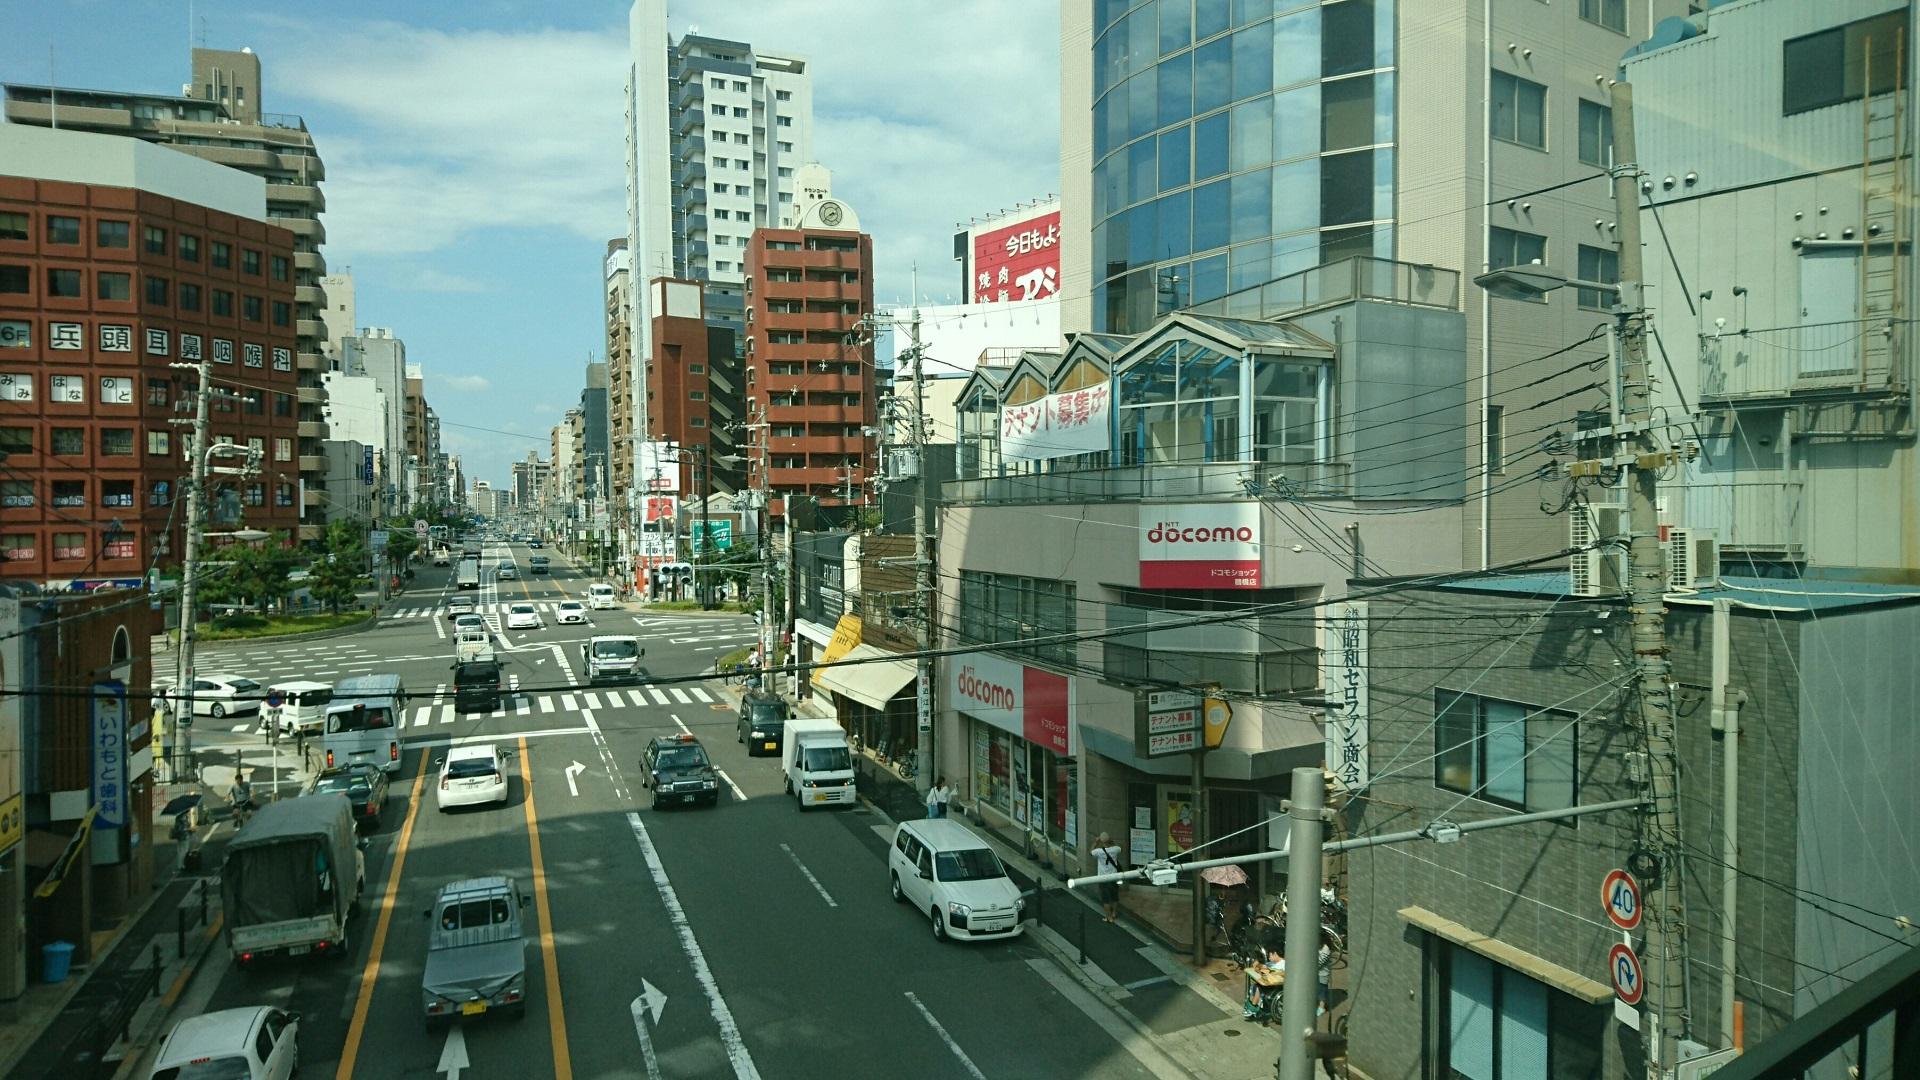 2017.8.18 近鉄 (4) 名古屋いき特急 - 鶴橋てまえ 1920-1080